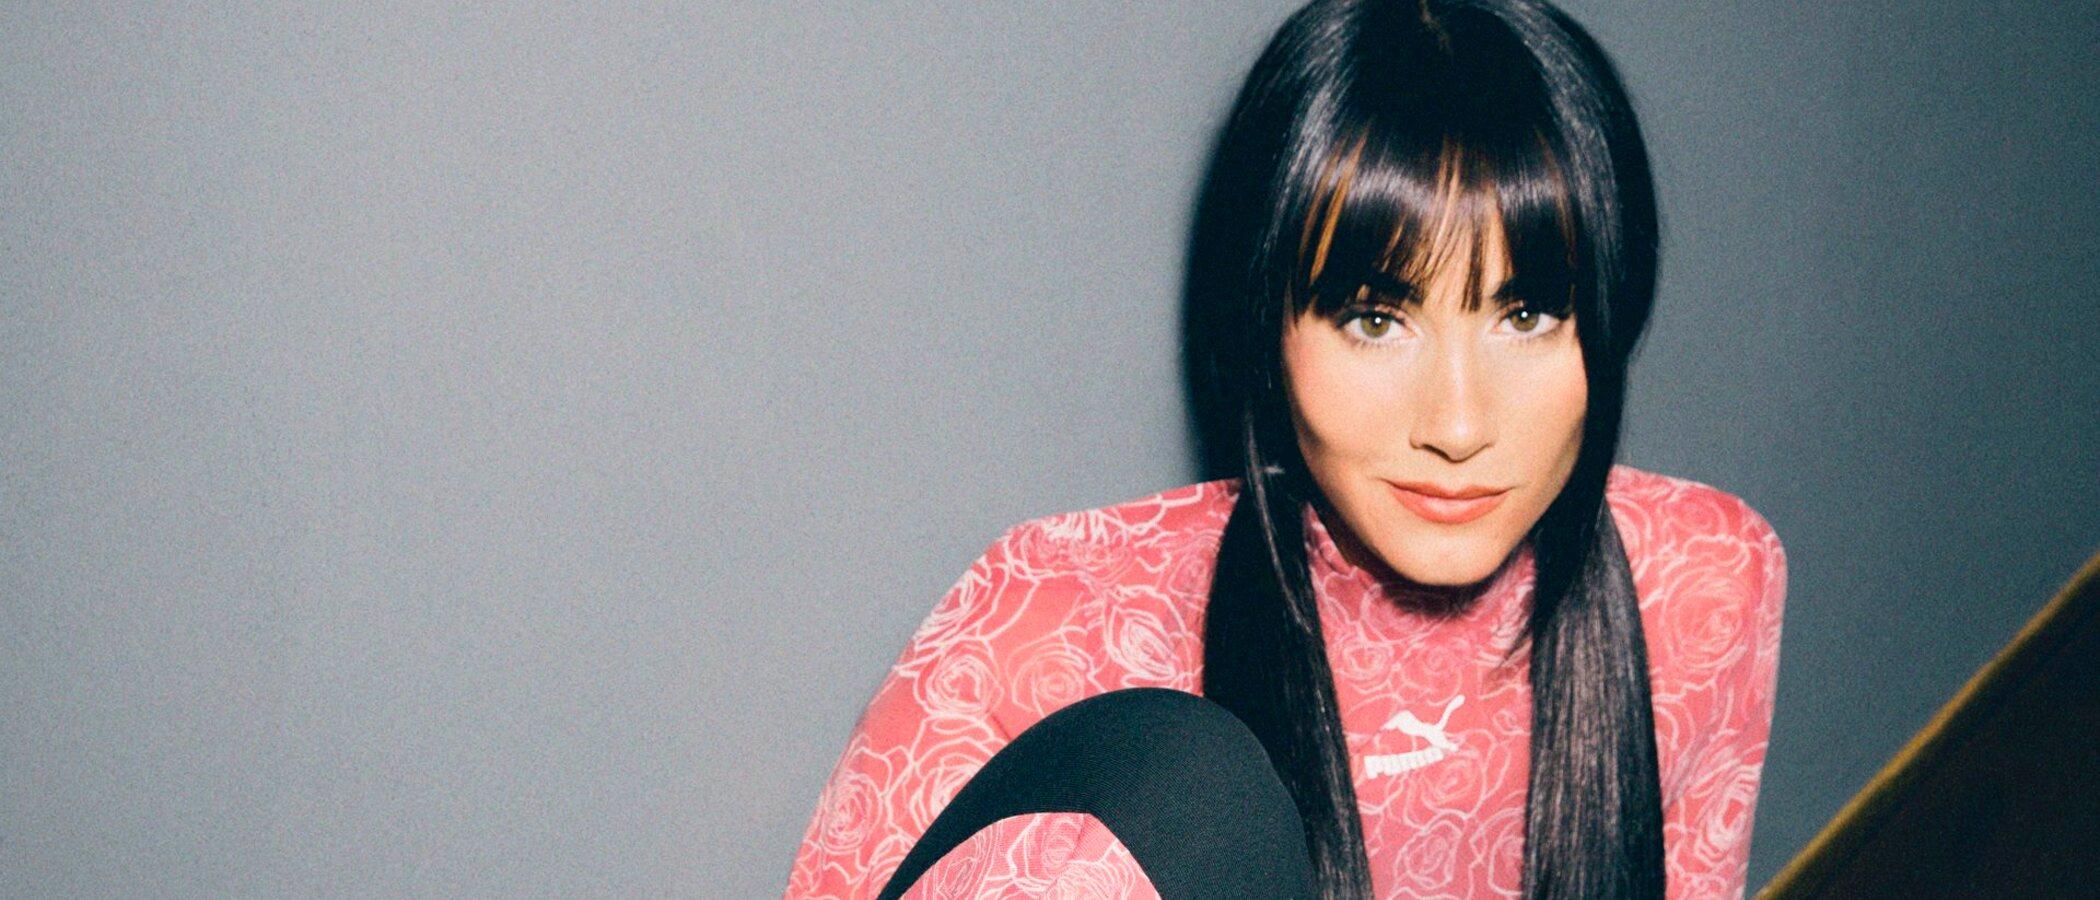 Aitana Ocaña debuta como diseñadora con su colección cápsula para Puma